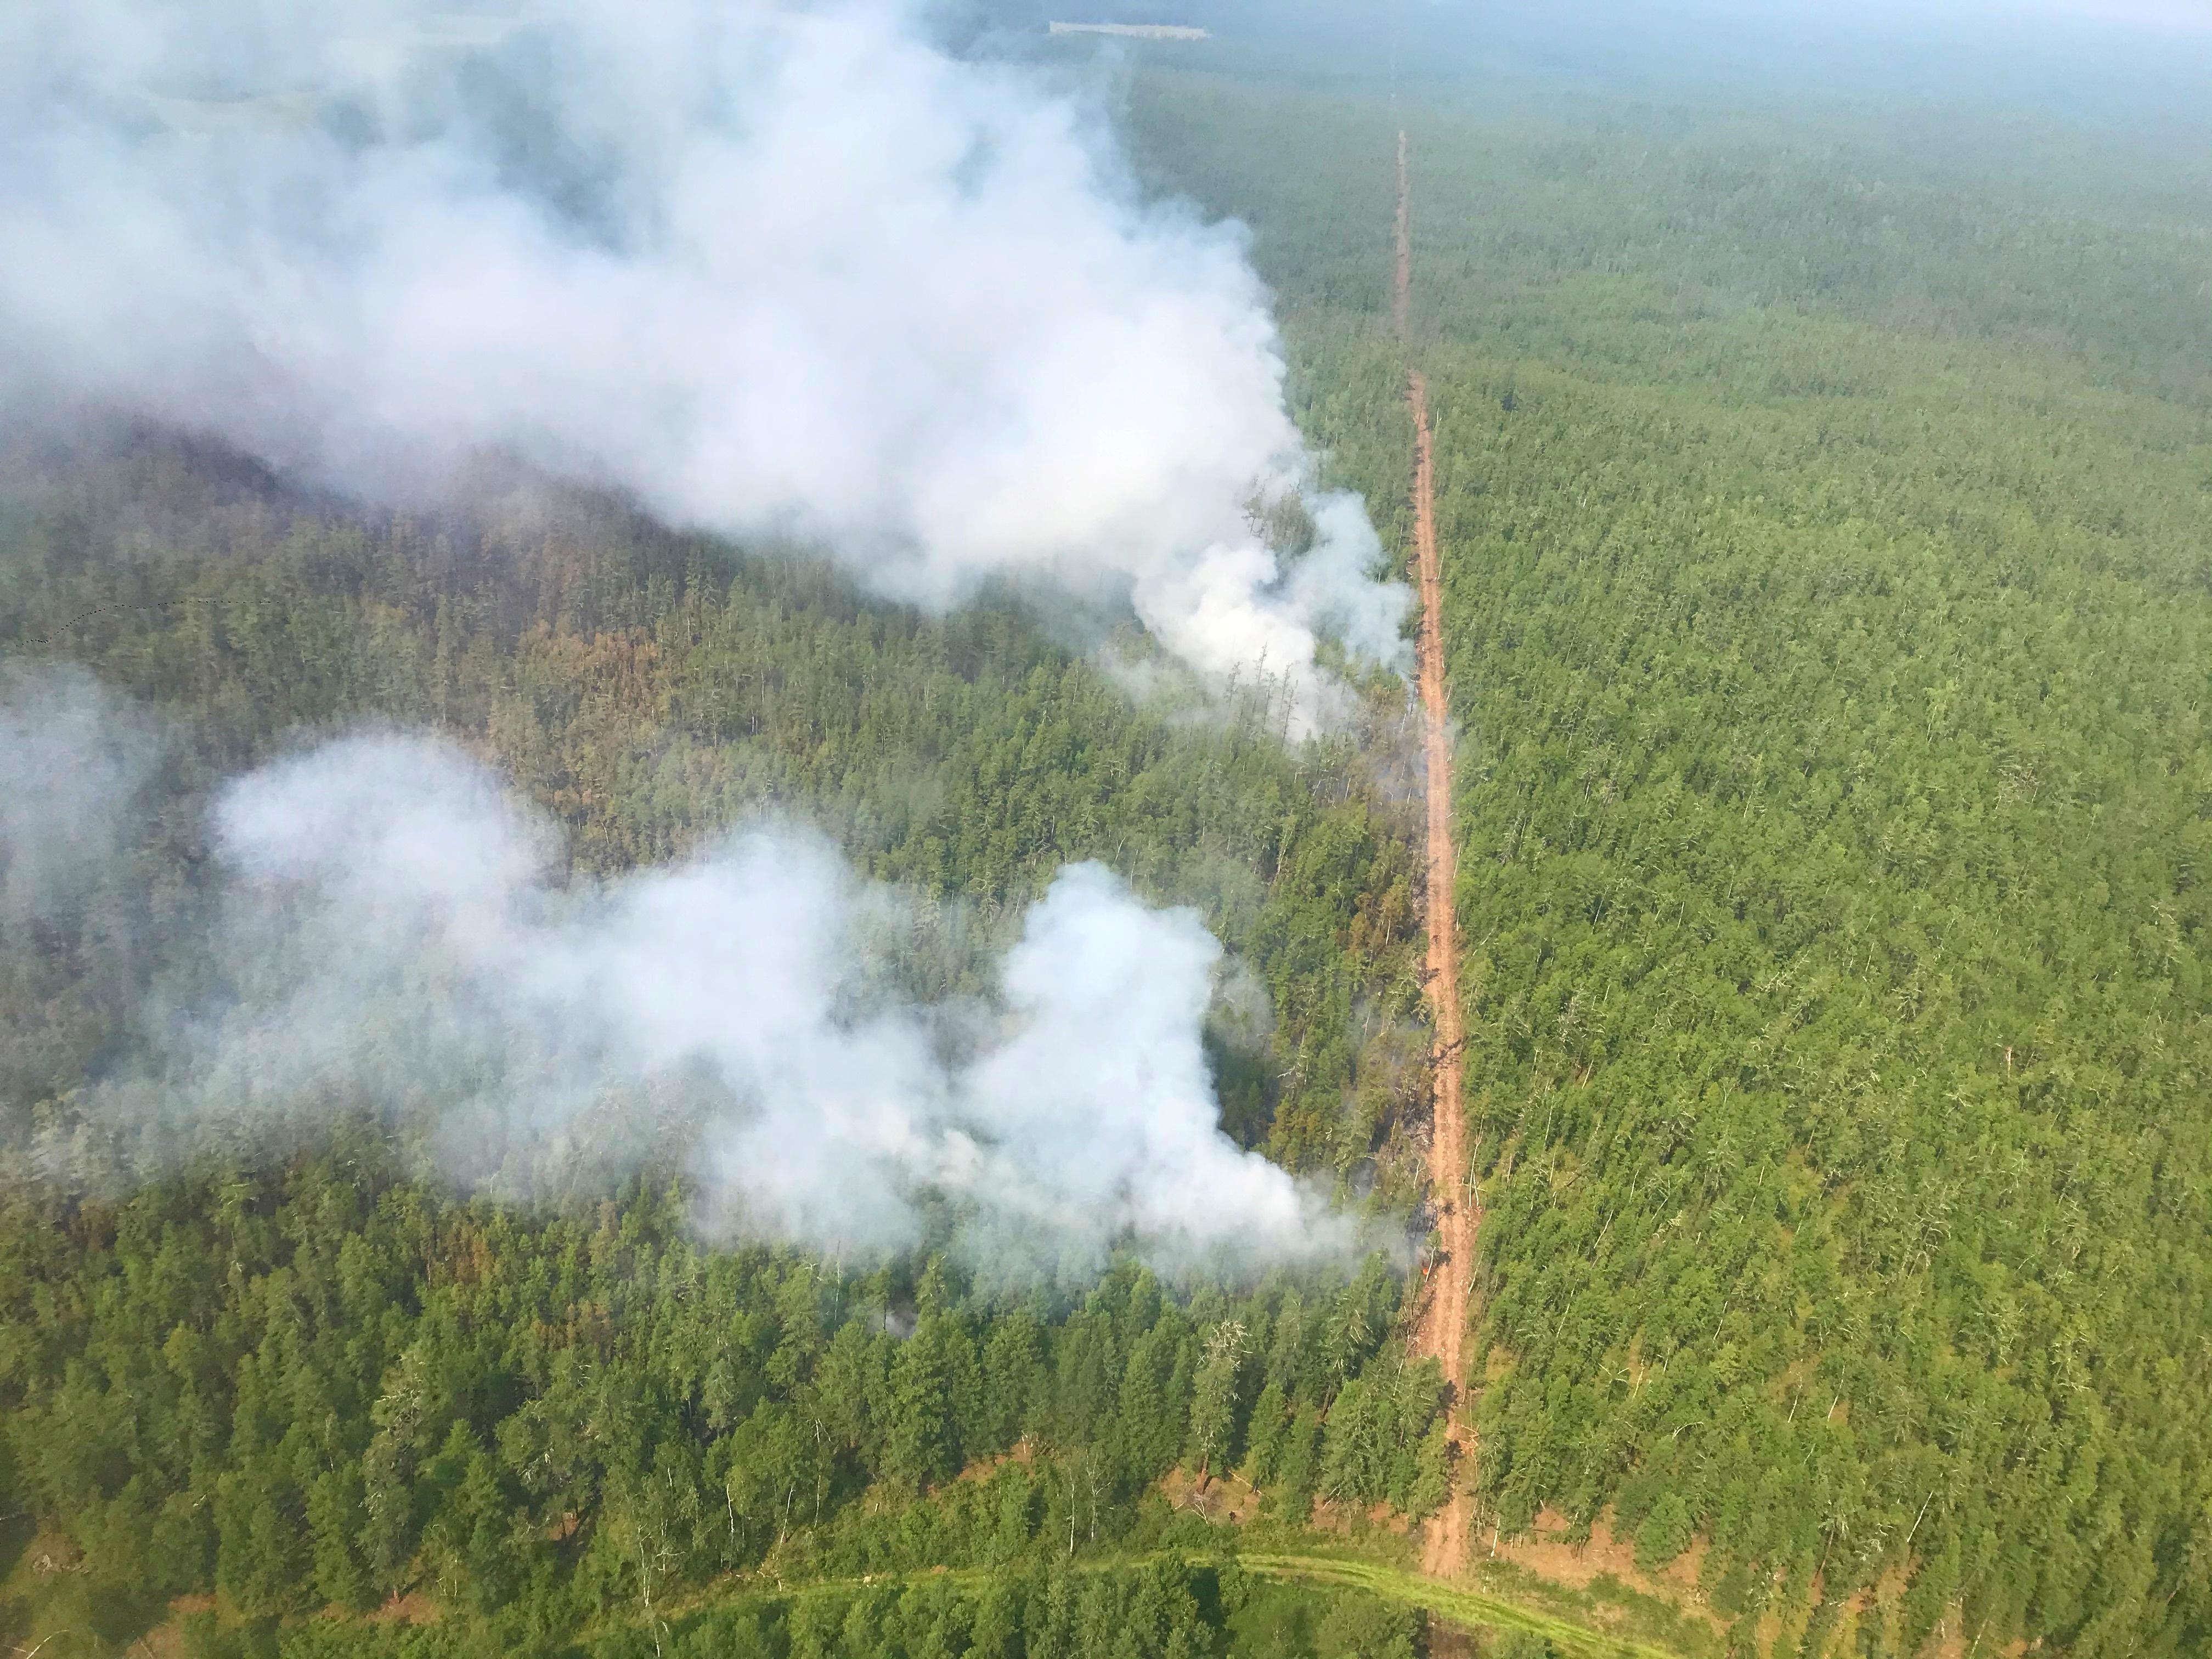 (Servicio Aéreo de Protección Forestal via REUTERS)